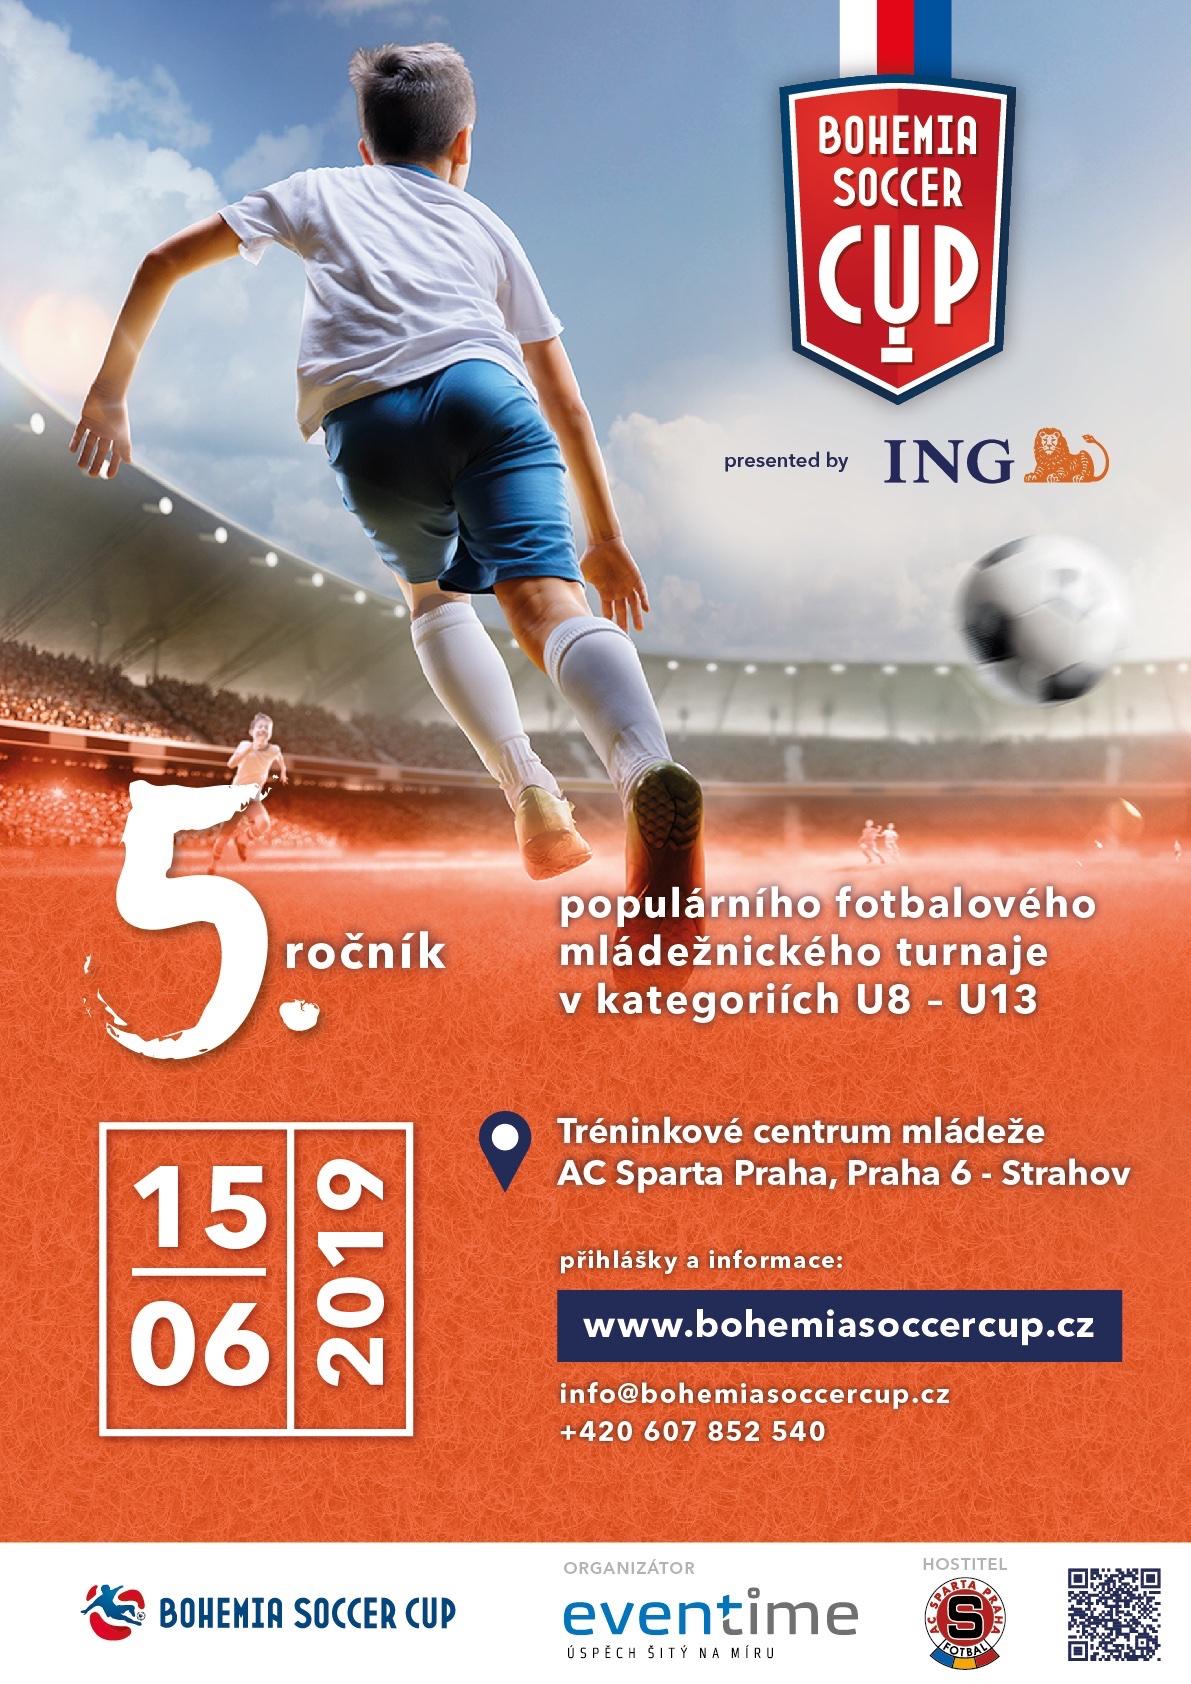 5.ročník ING Bohemia Soccer Cup se uskuteční v sobotu 15.6.2019 v tréninkovém centru AC Sparta Praha